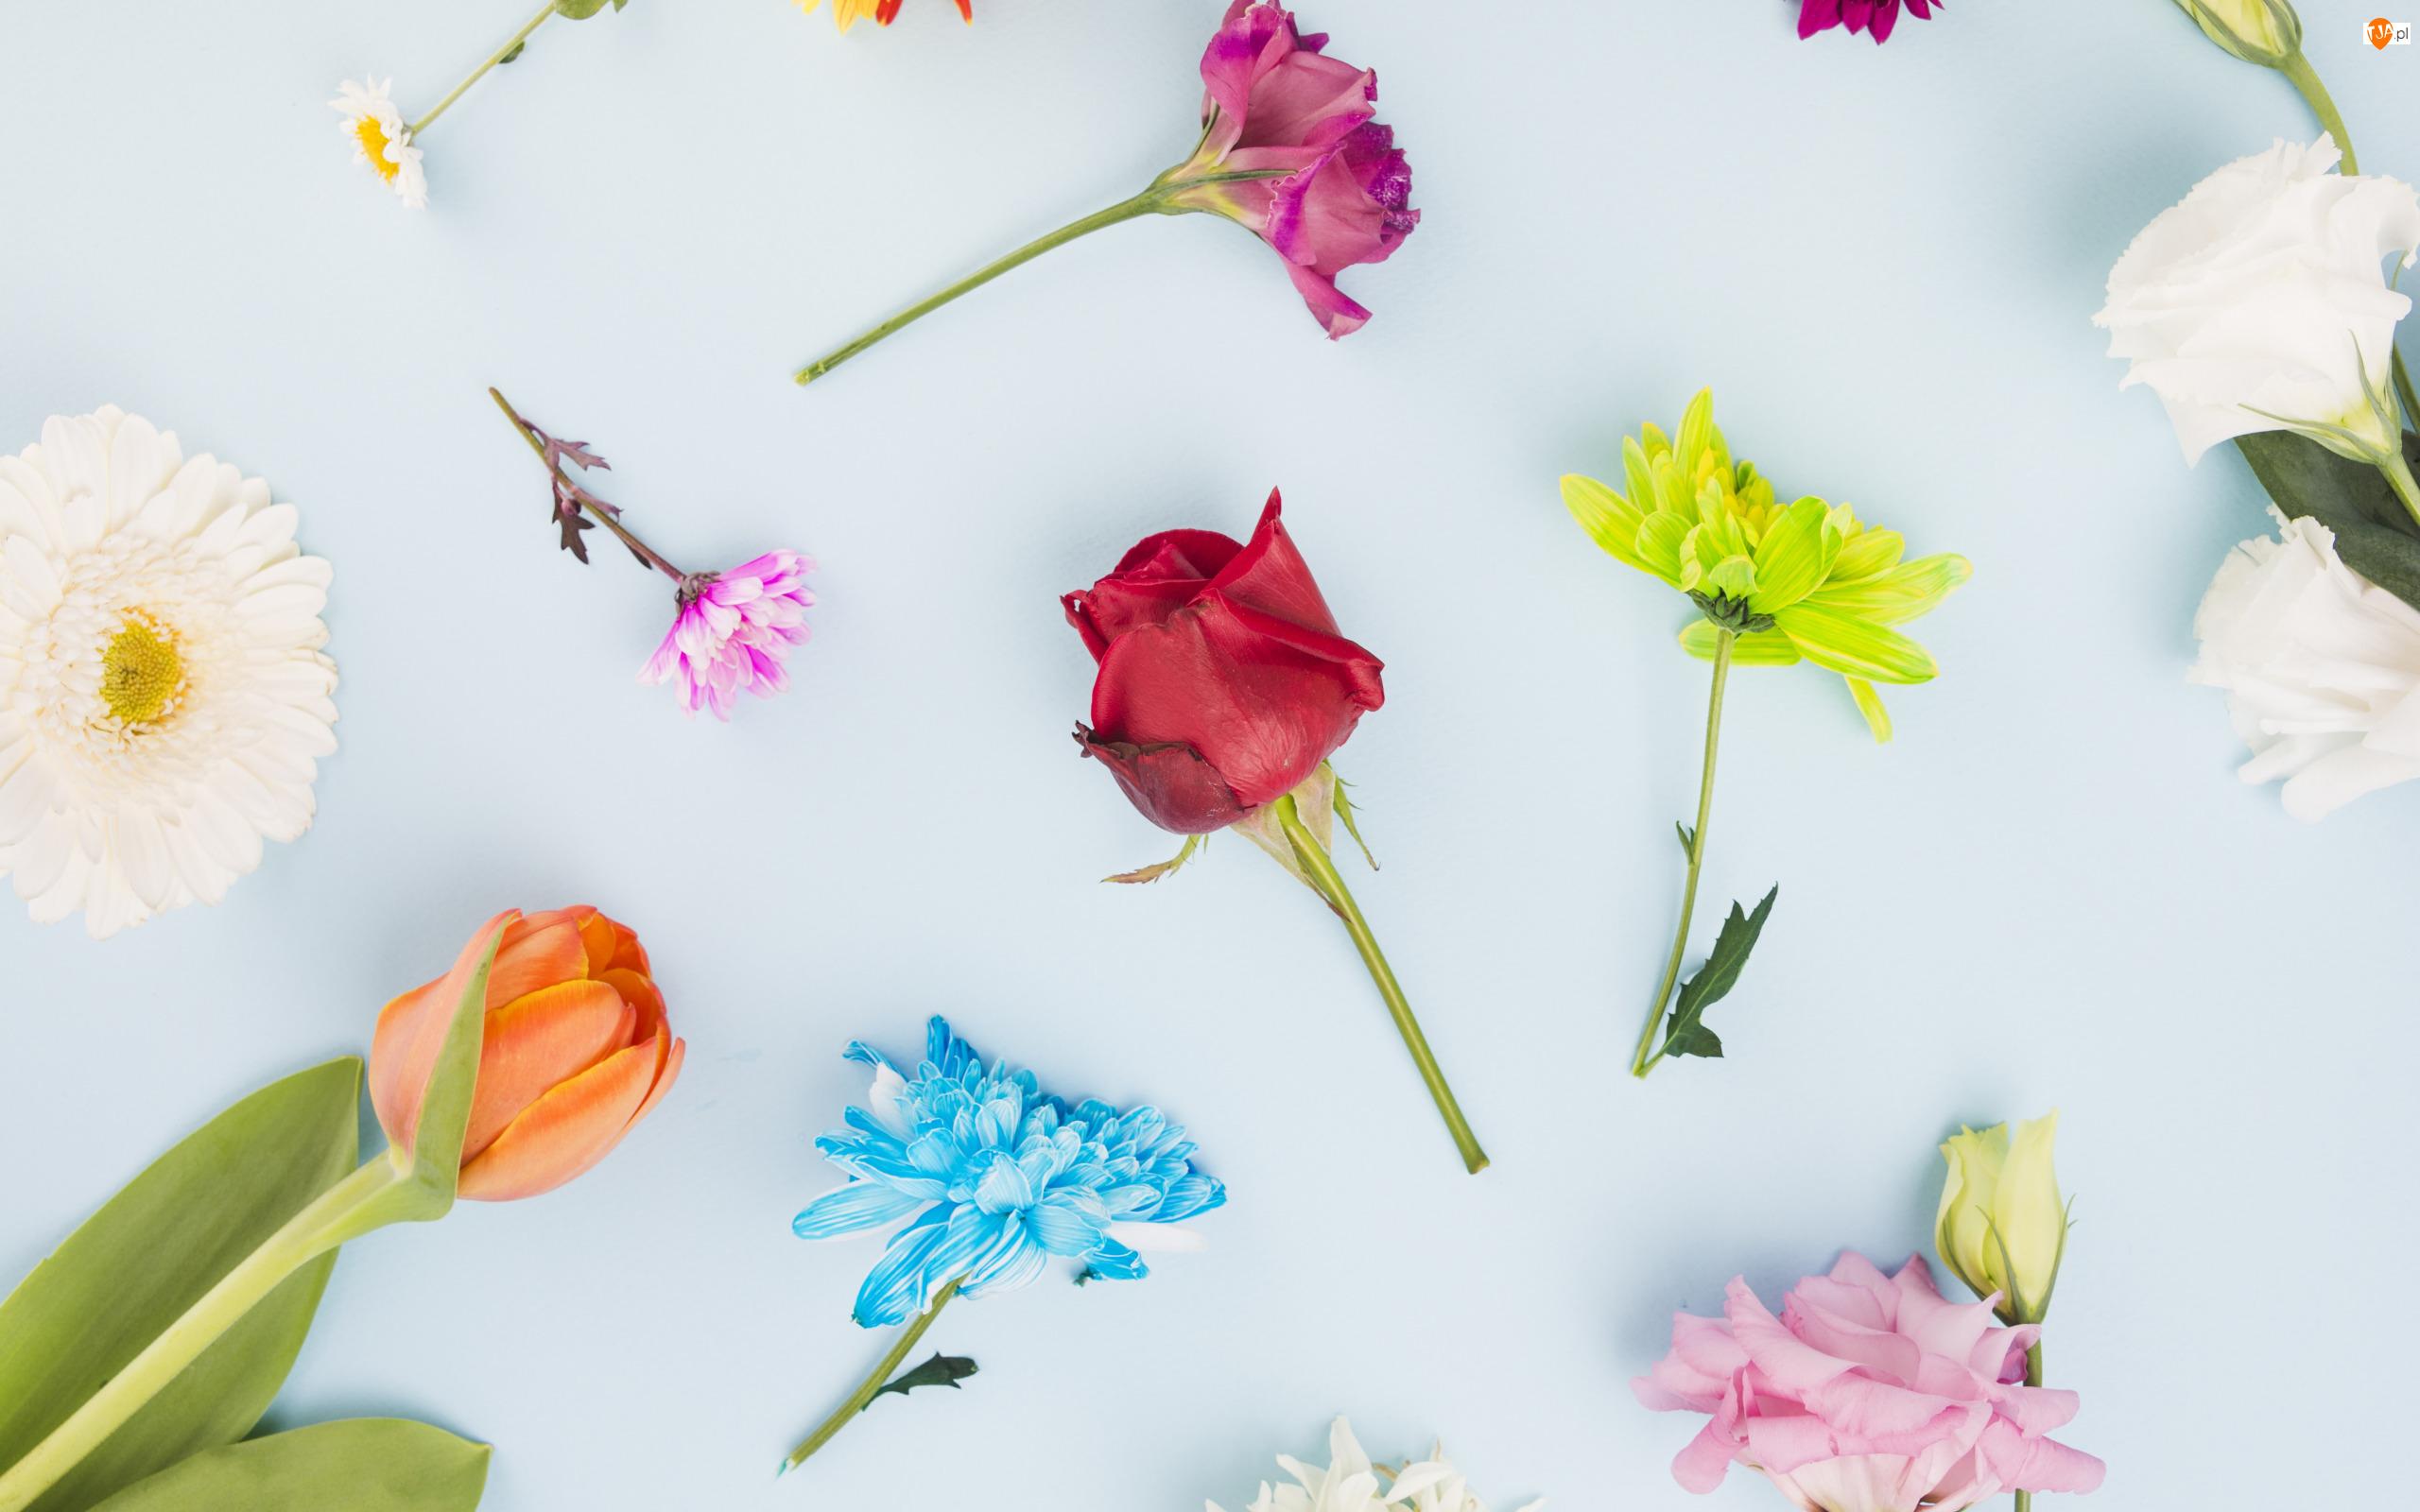 Gerbera, Kolorowe, Tulipan, Chryzantemy, Kwiaty, Stokrotka, Goździk, Róża